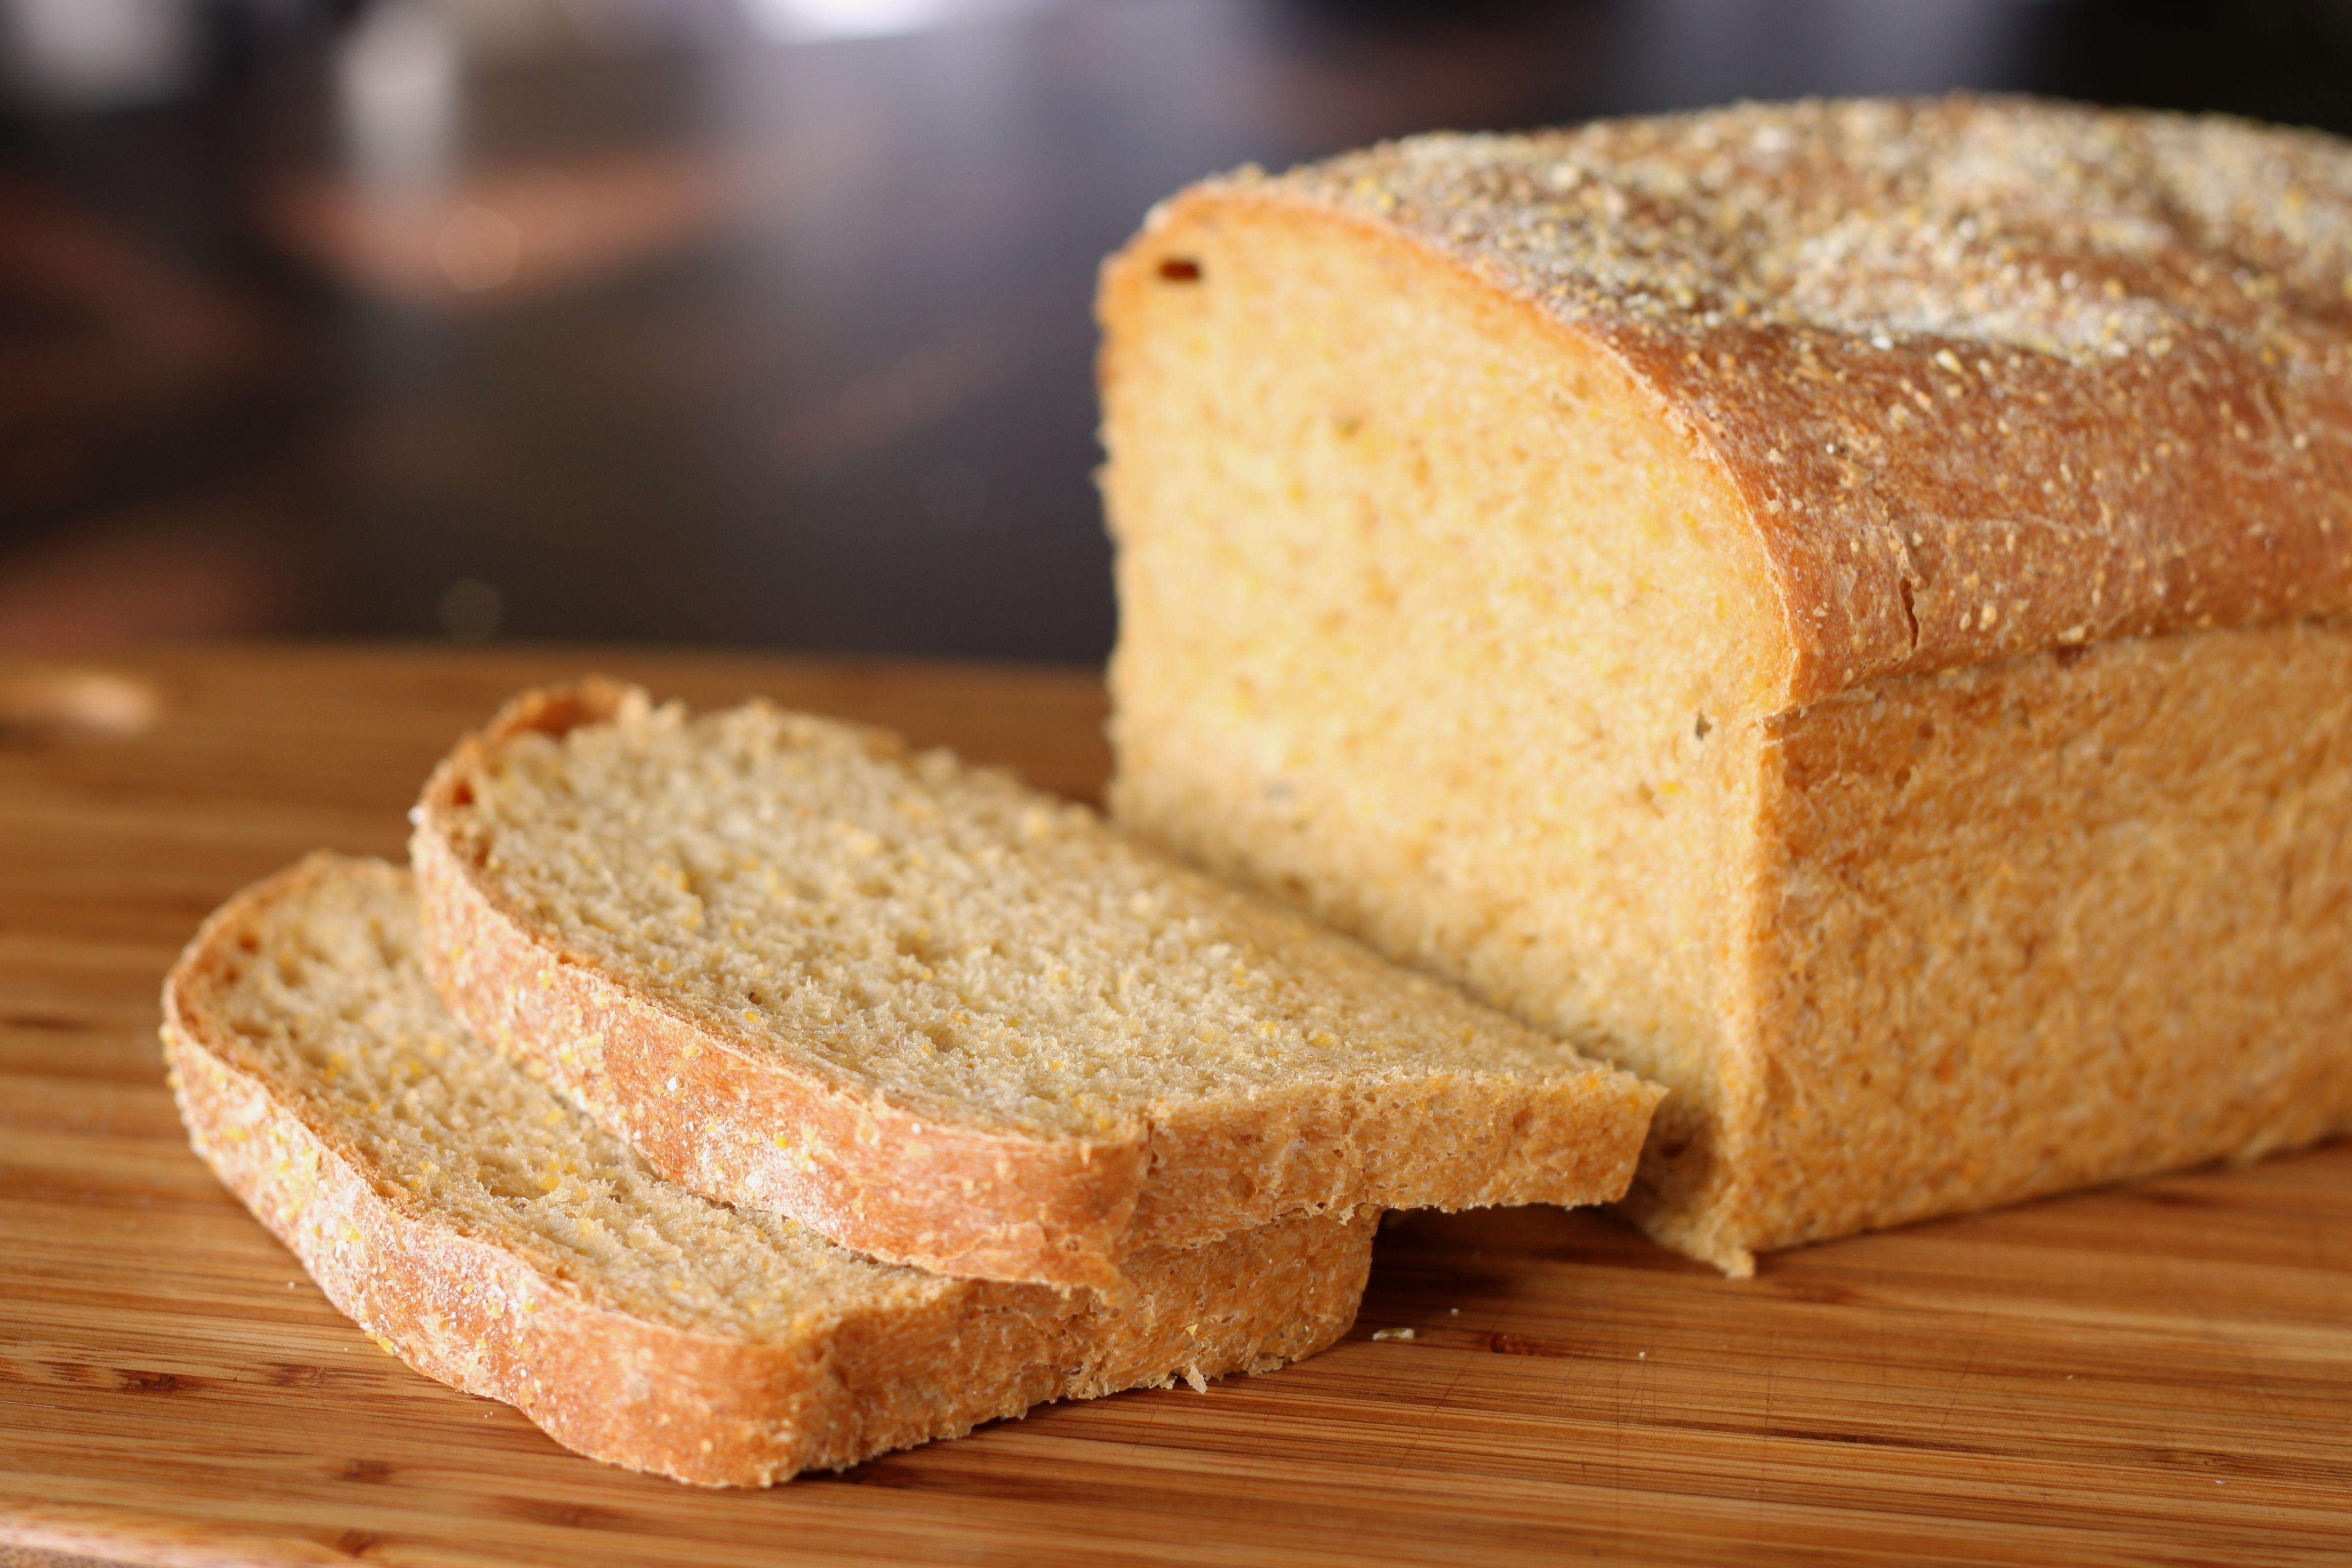 В крупных городах завышают стоимость хлеба- Kapital.kz